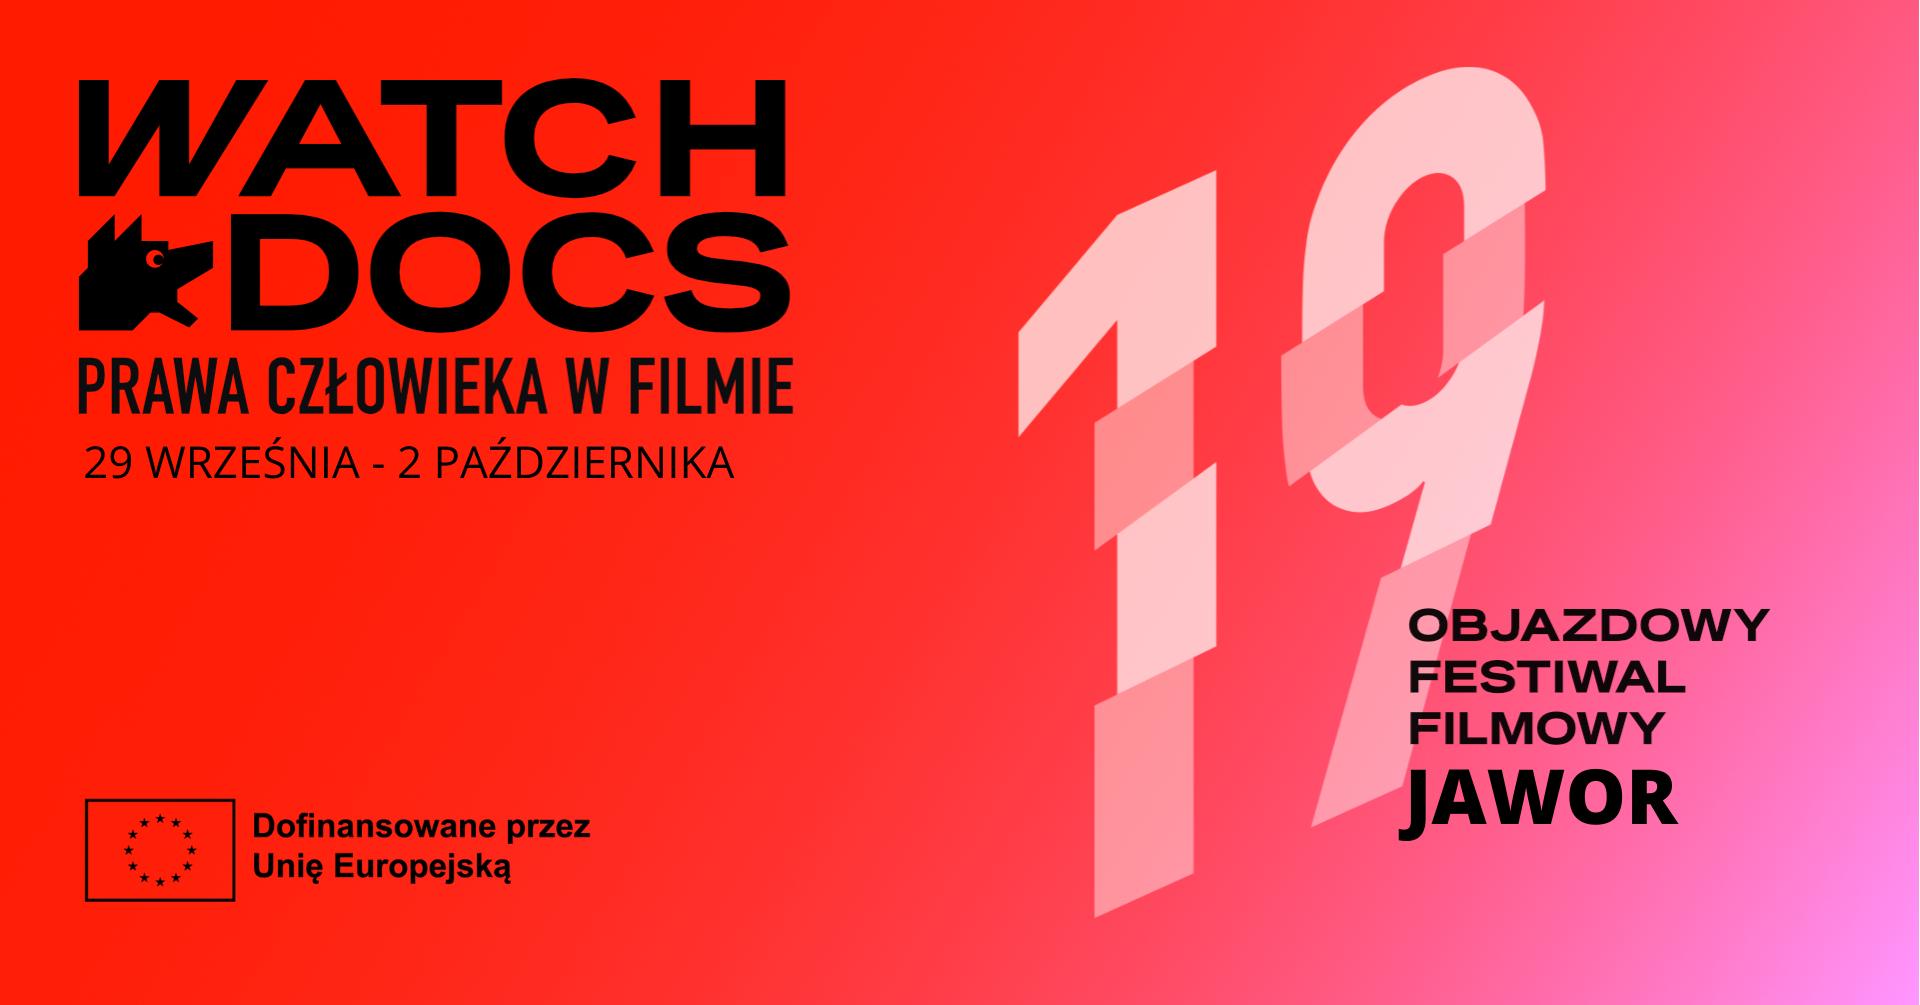 19. Objazdowy festiwal filmowy WATCH DOCS. Prawa człowieka w filmie.